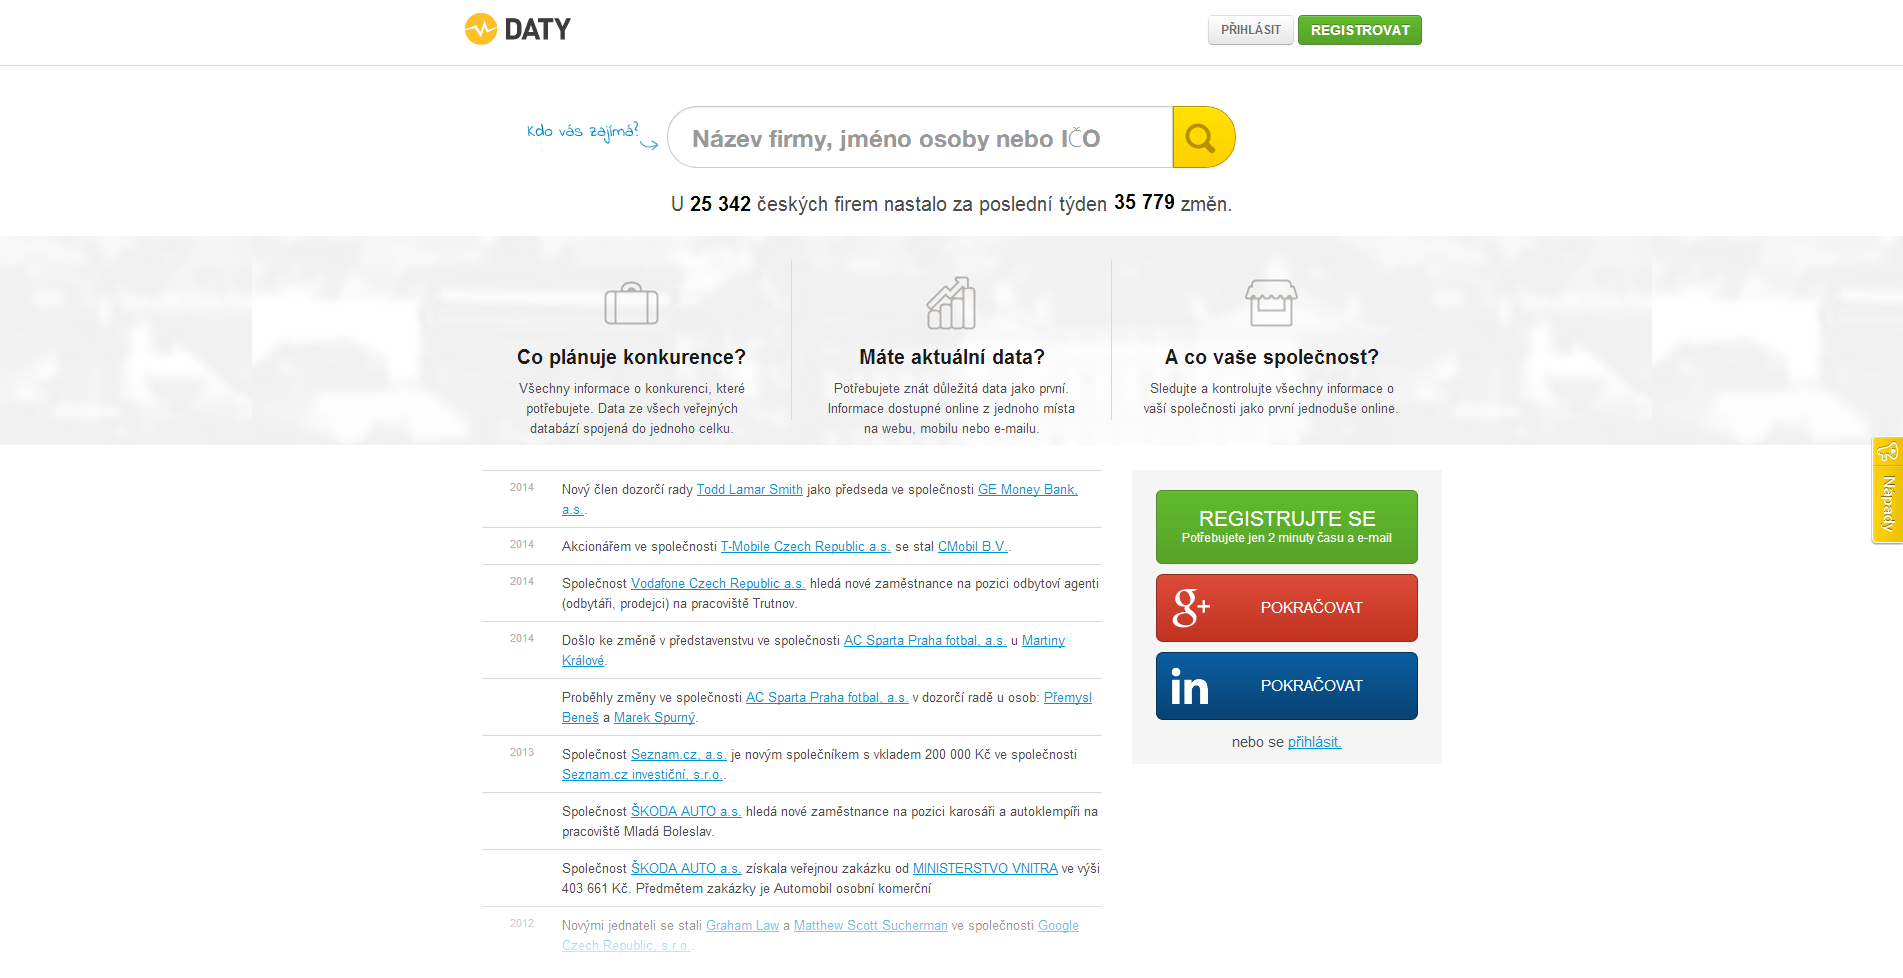 daty.cz